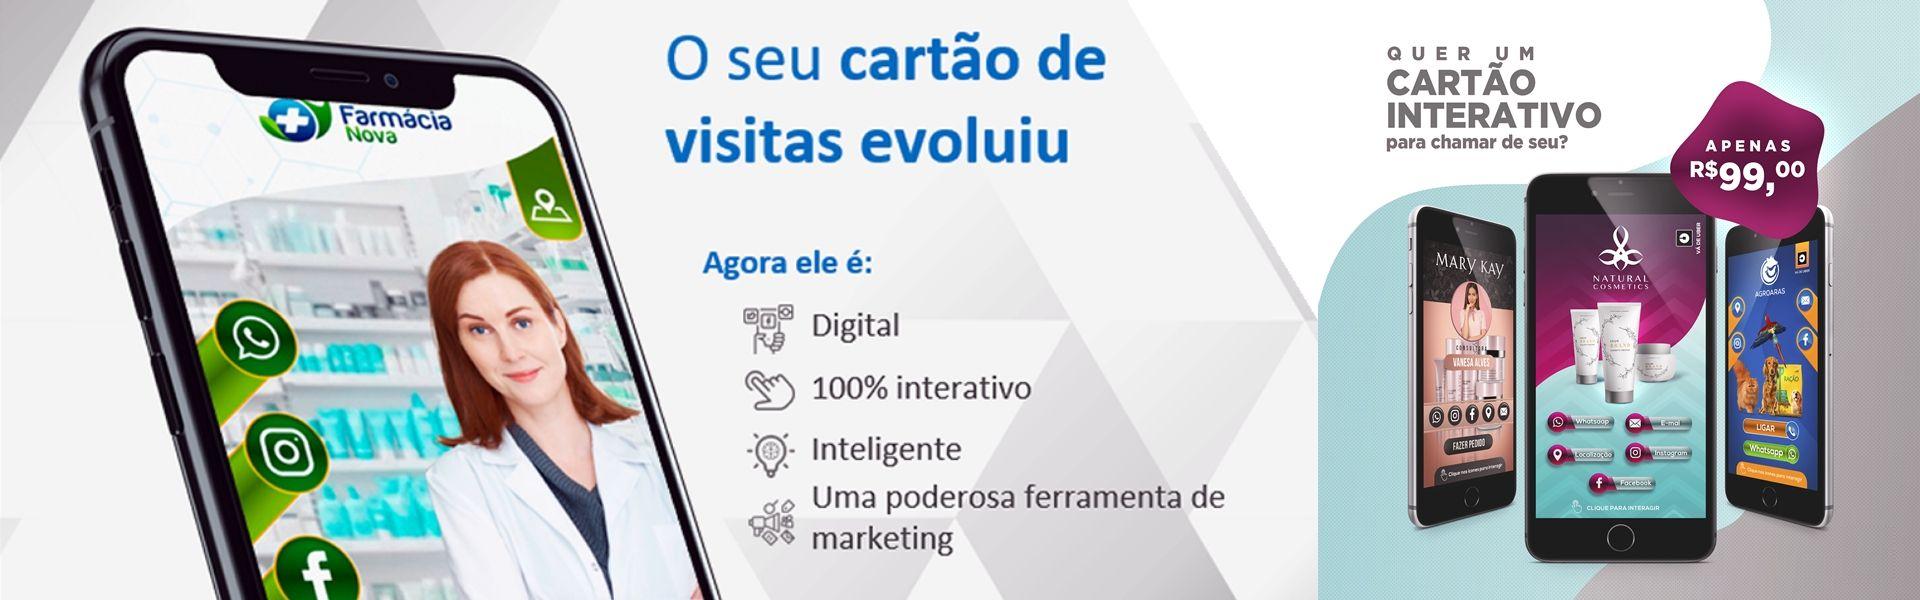 cartão de visita interativo 100% digital